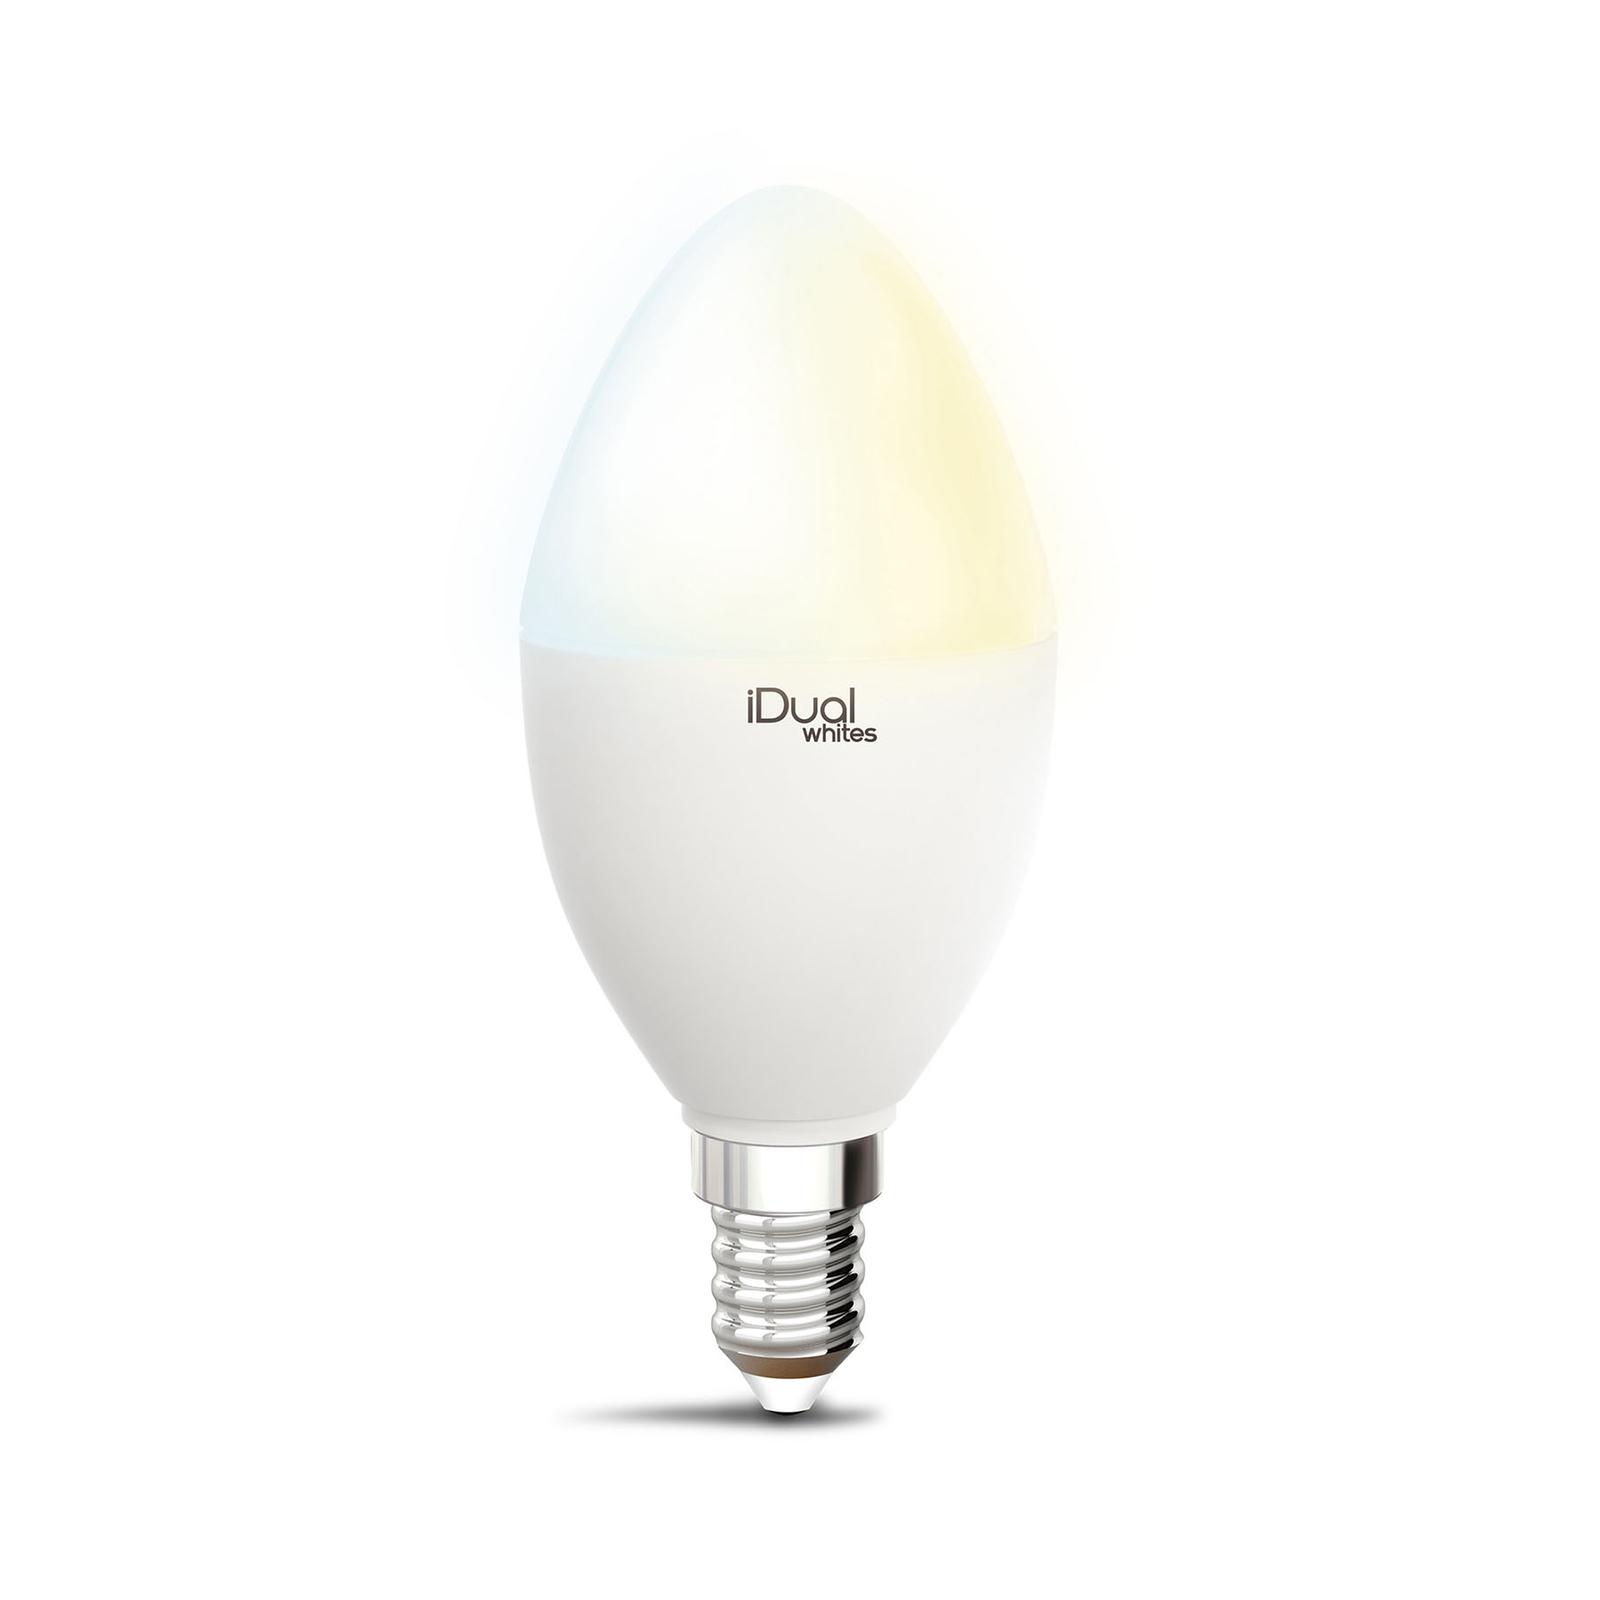 iDual Whites żarówka LED świeca P45 E14 5,5W